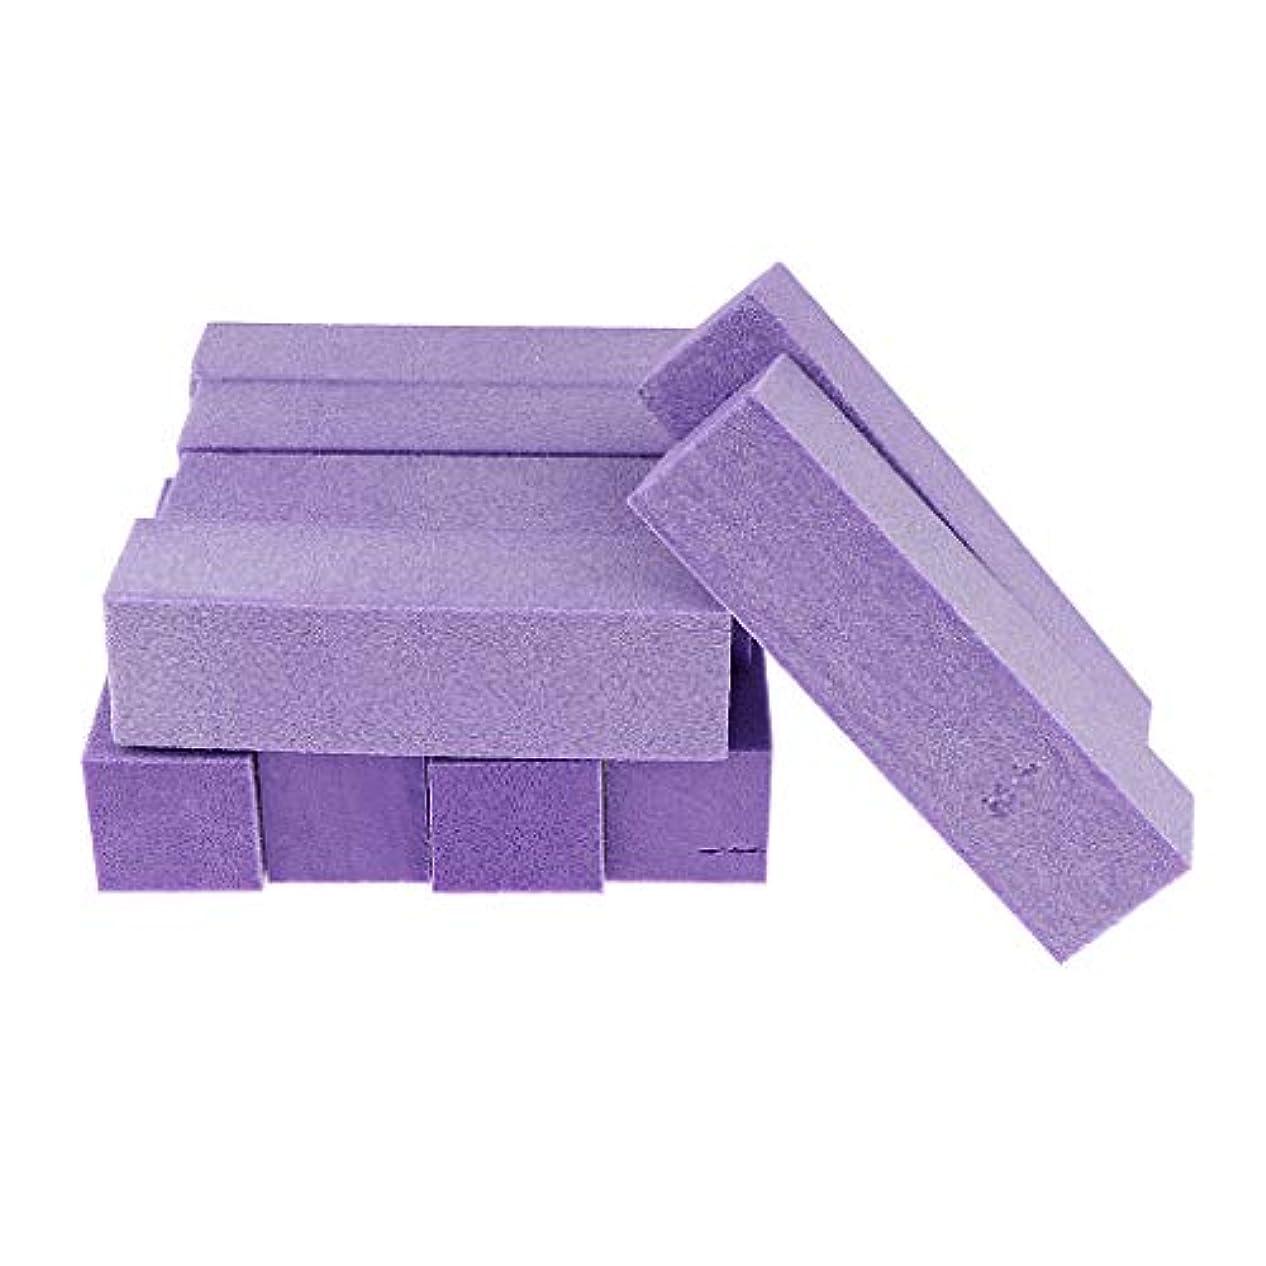 足首ショッピングセンター引き付けるToygogo 両面ネイルバッファーネイルシャイナースポンジネイルファイルサンディングブロック-ソフト&シルキー、10個-作成された滑らかで美しいネイル - 紫